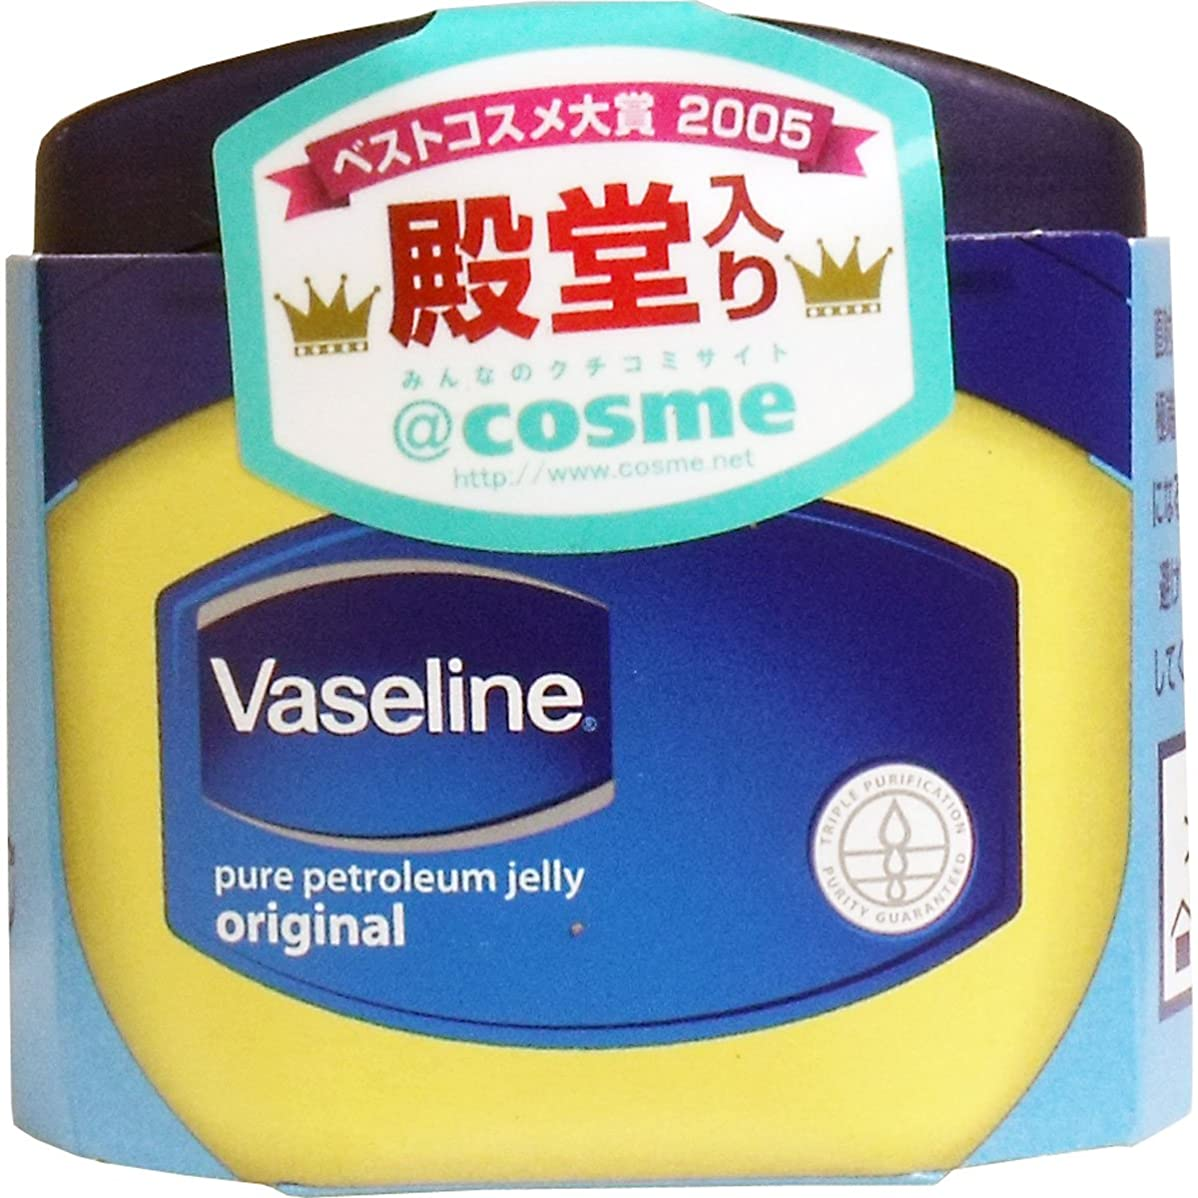 それ神社ビーズ【Vaseline】ヴァセリン ピュアスキンジェリー (スキンオイル) 40g ×5個セット